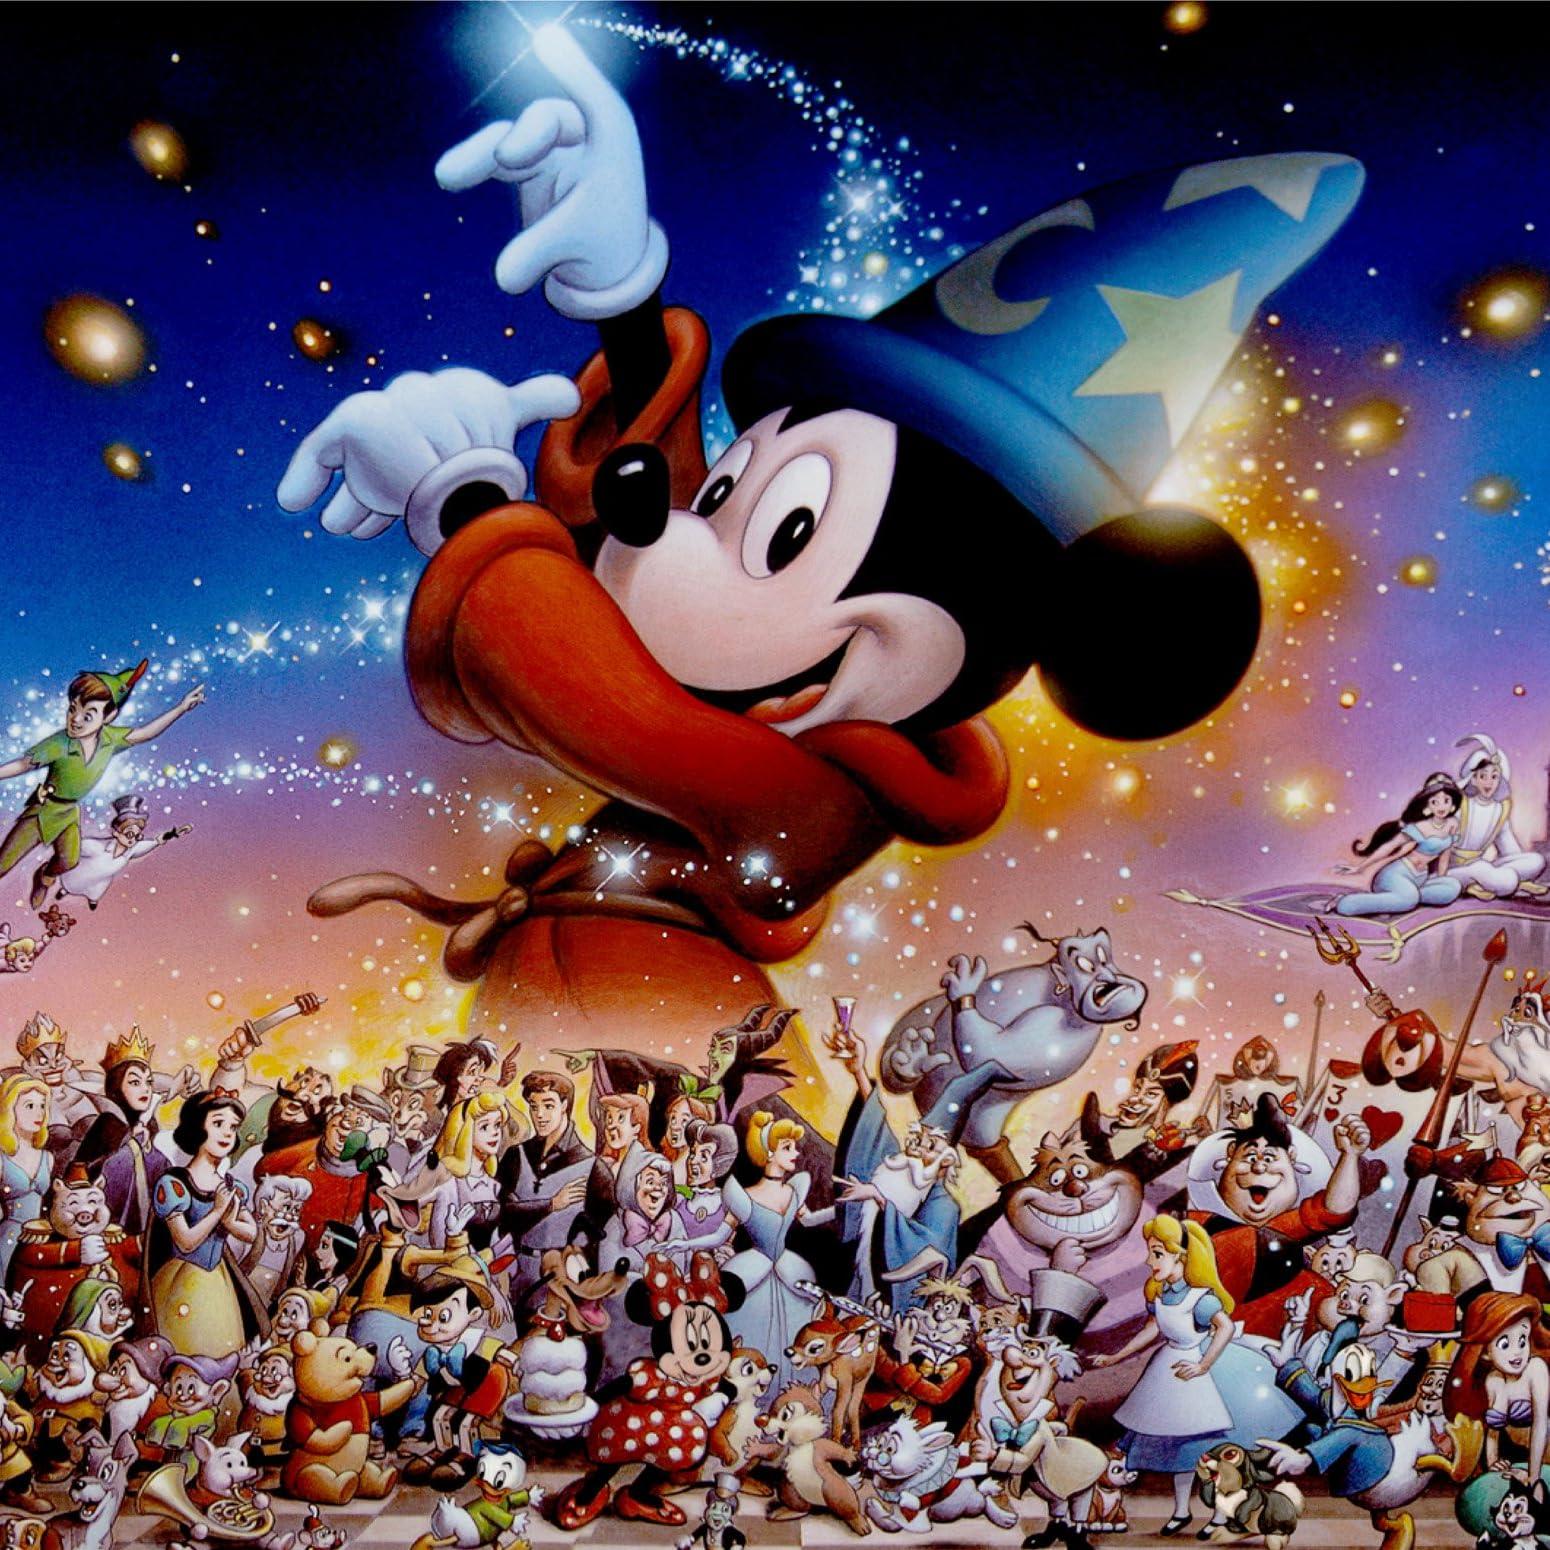 ディズニー Ipad壁紙 Mickey S Party アニメ スマホ用画像1044